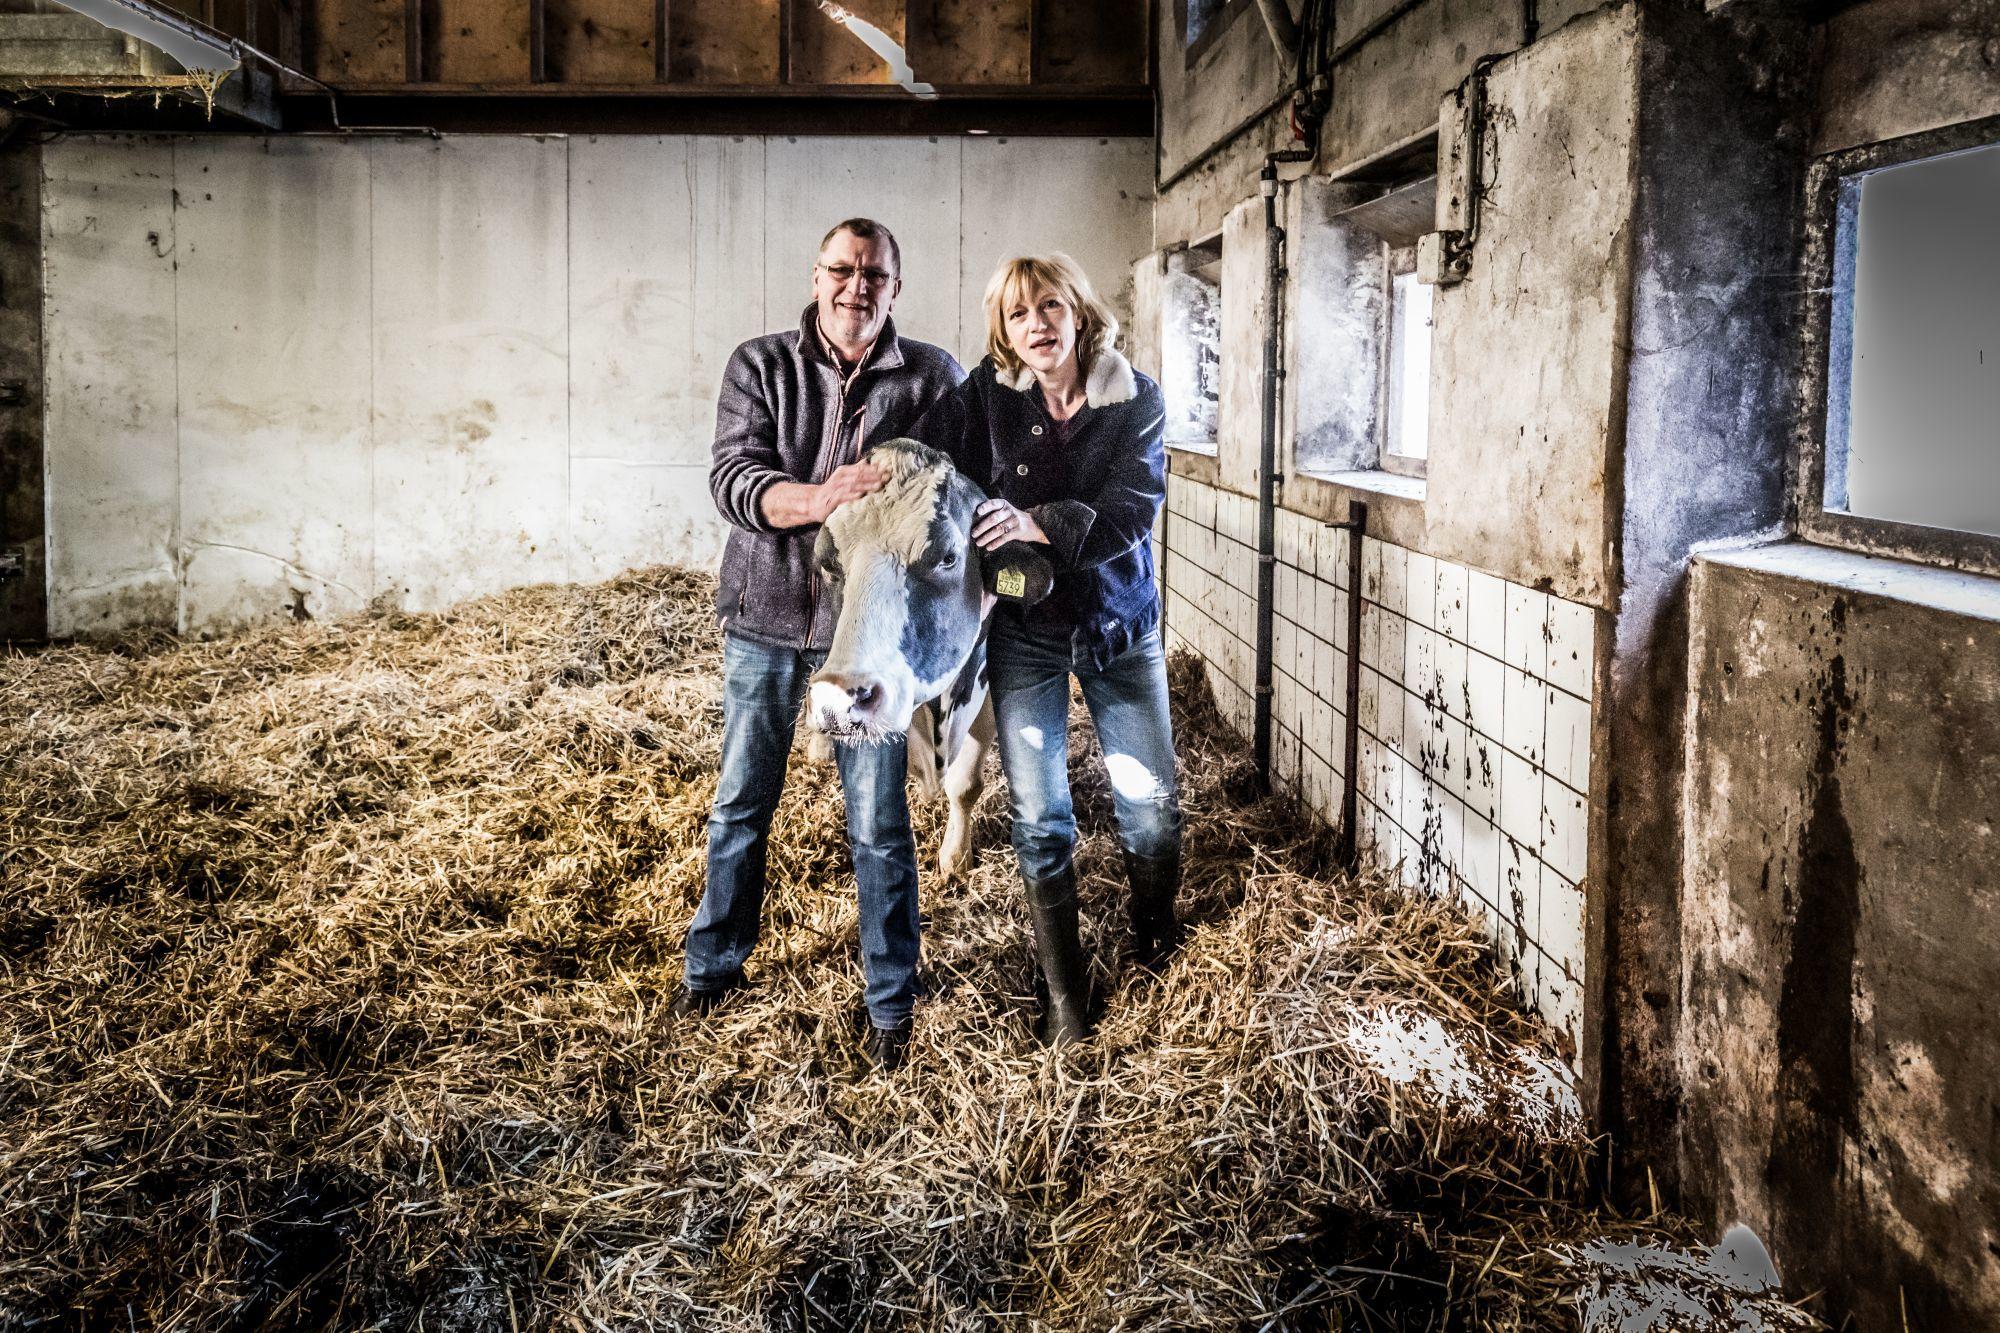 Johanna ter Steege met boer en koe